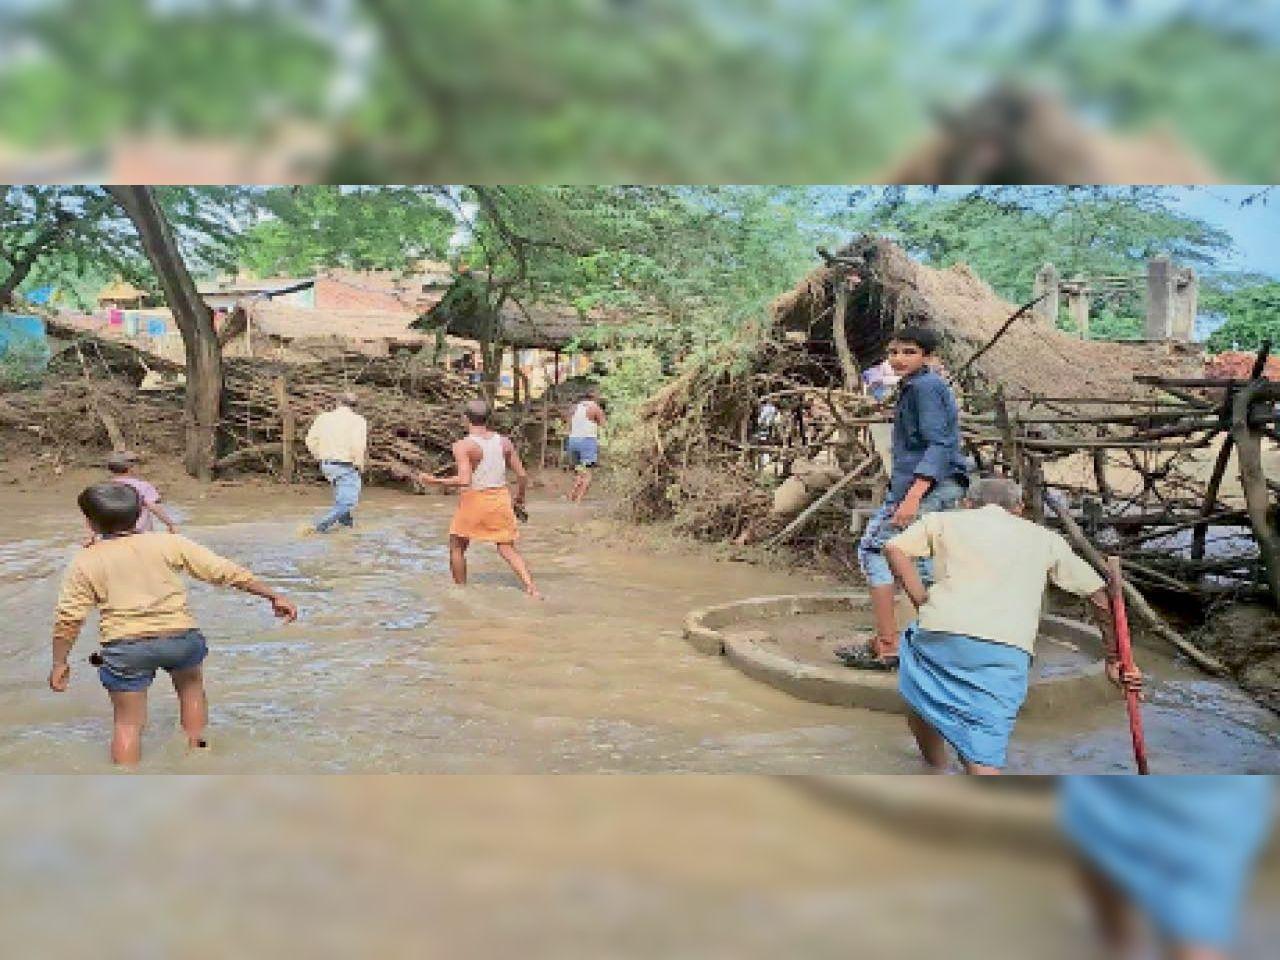 देवालय गांव में पानी भरने के बाद सुरक्षित स्थान पर जाते ग्रामीण। गांव की महिलाओं को उनके मायके भेज दिया गया है। - Dainik Bhaskar